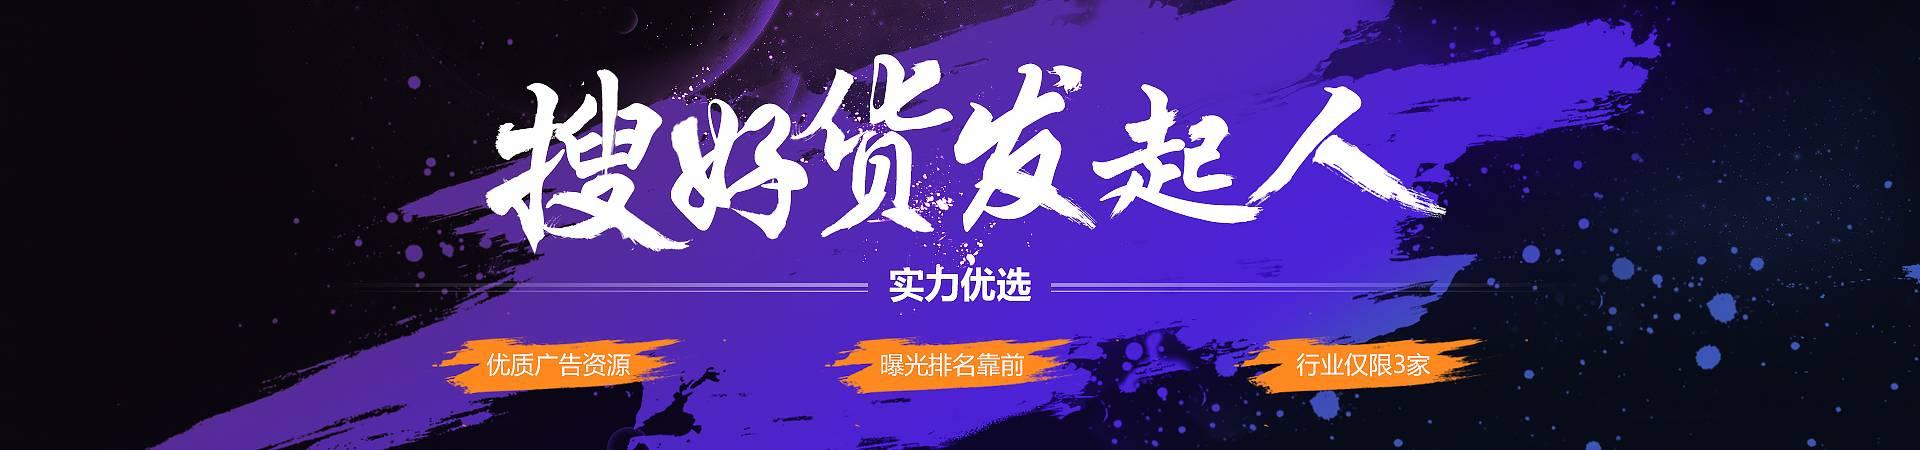 天津镀锌板 镀锌板厂家 直发高强高锌镀锌板 SGCC材质1.01250C镀锌卷图片